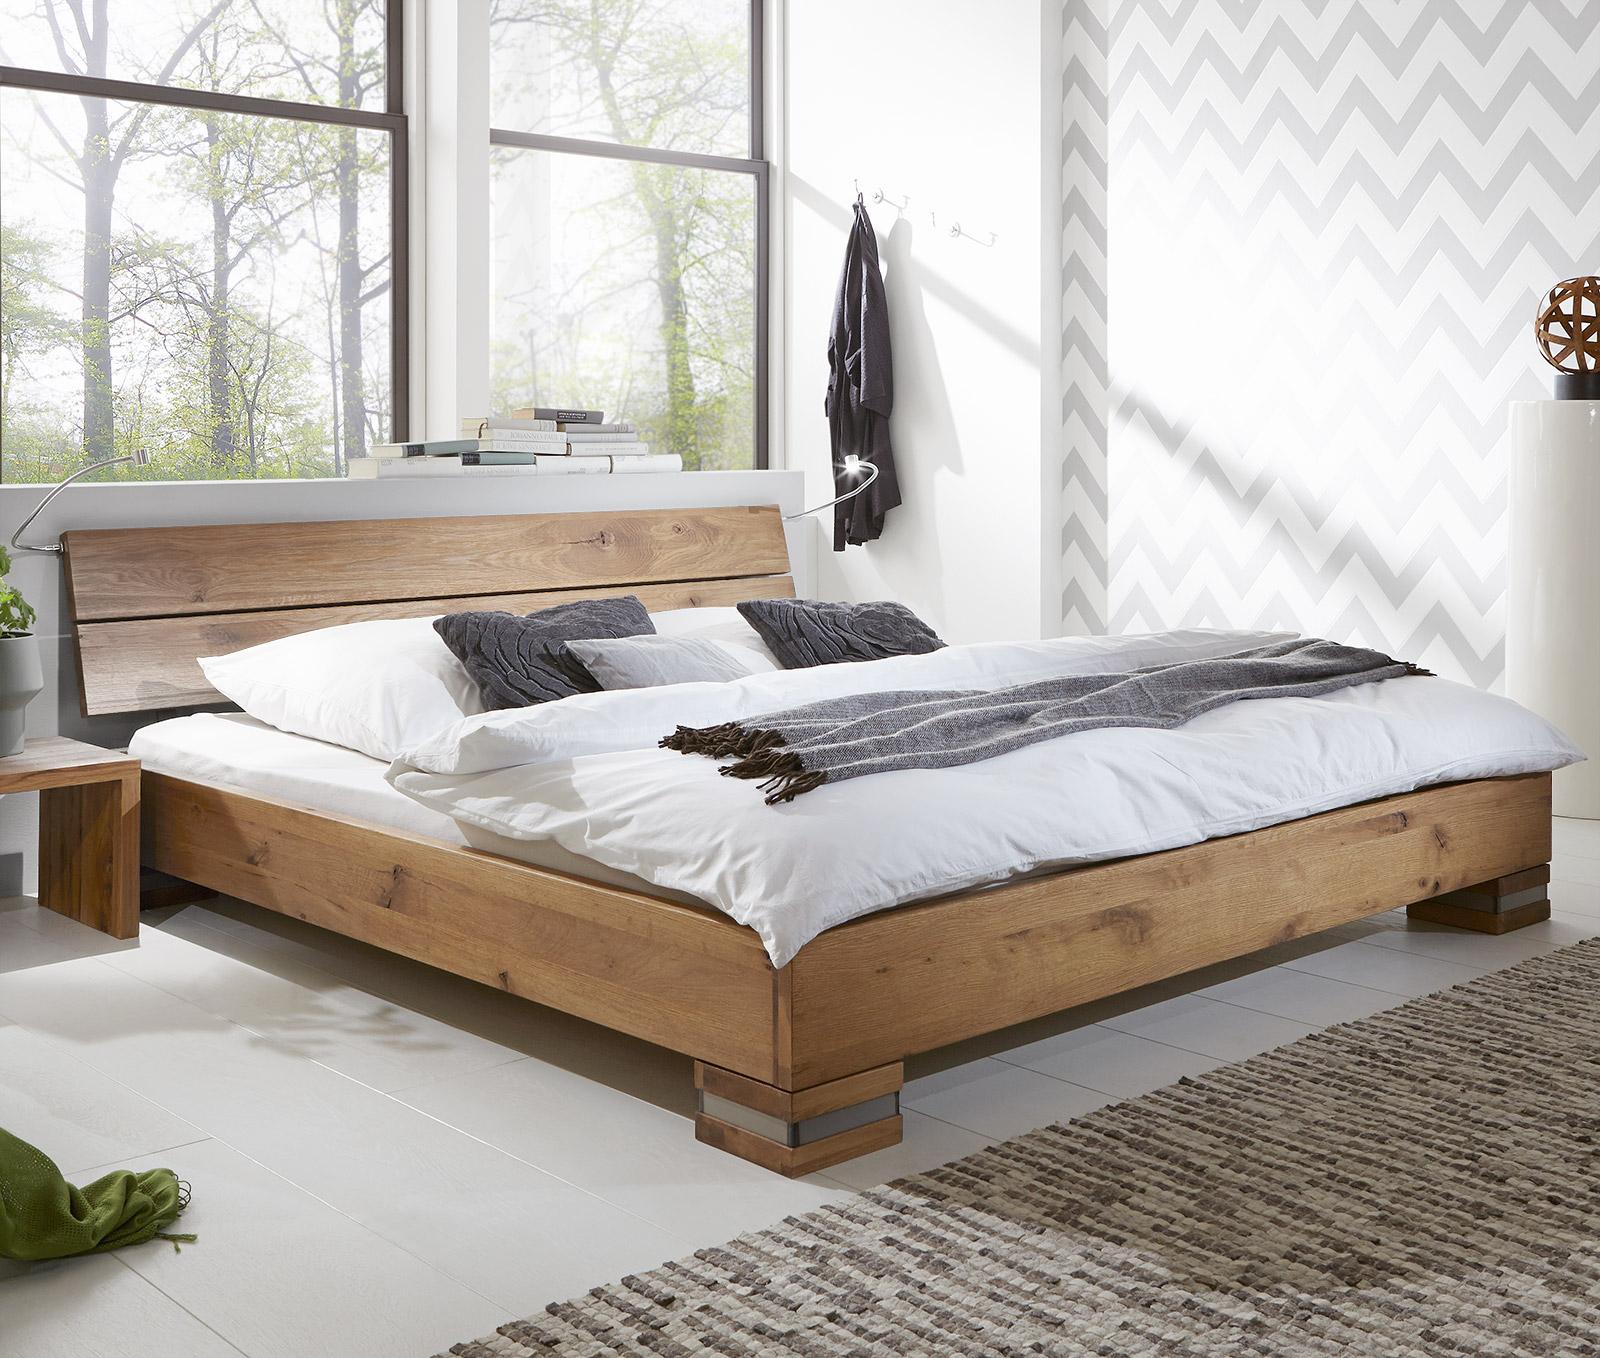 Full Size of Massivholzbetten 200200 Cm Ohne Versandkosten Bett 200x200 Betten Mit Bettkasten Weiß Stauraum Komforthöhe Wohnzimmer Stauraumbett 200x200